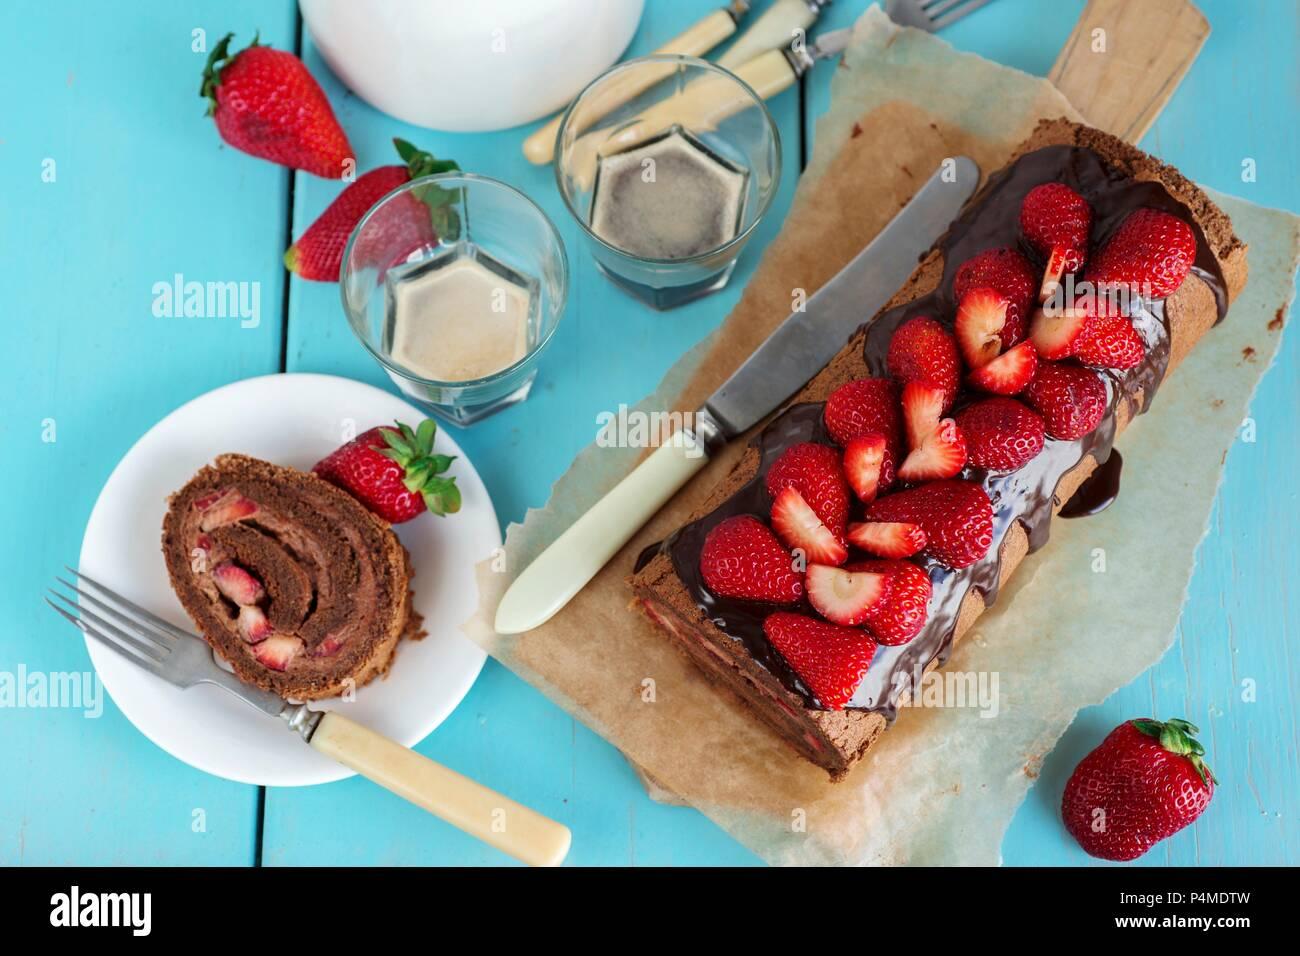 Schokolade Swiss roll mit Erdbeeren Stockbild